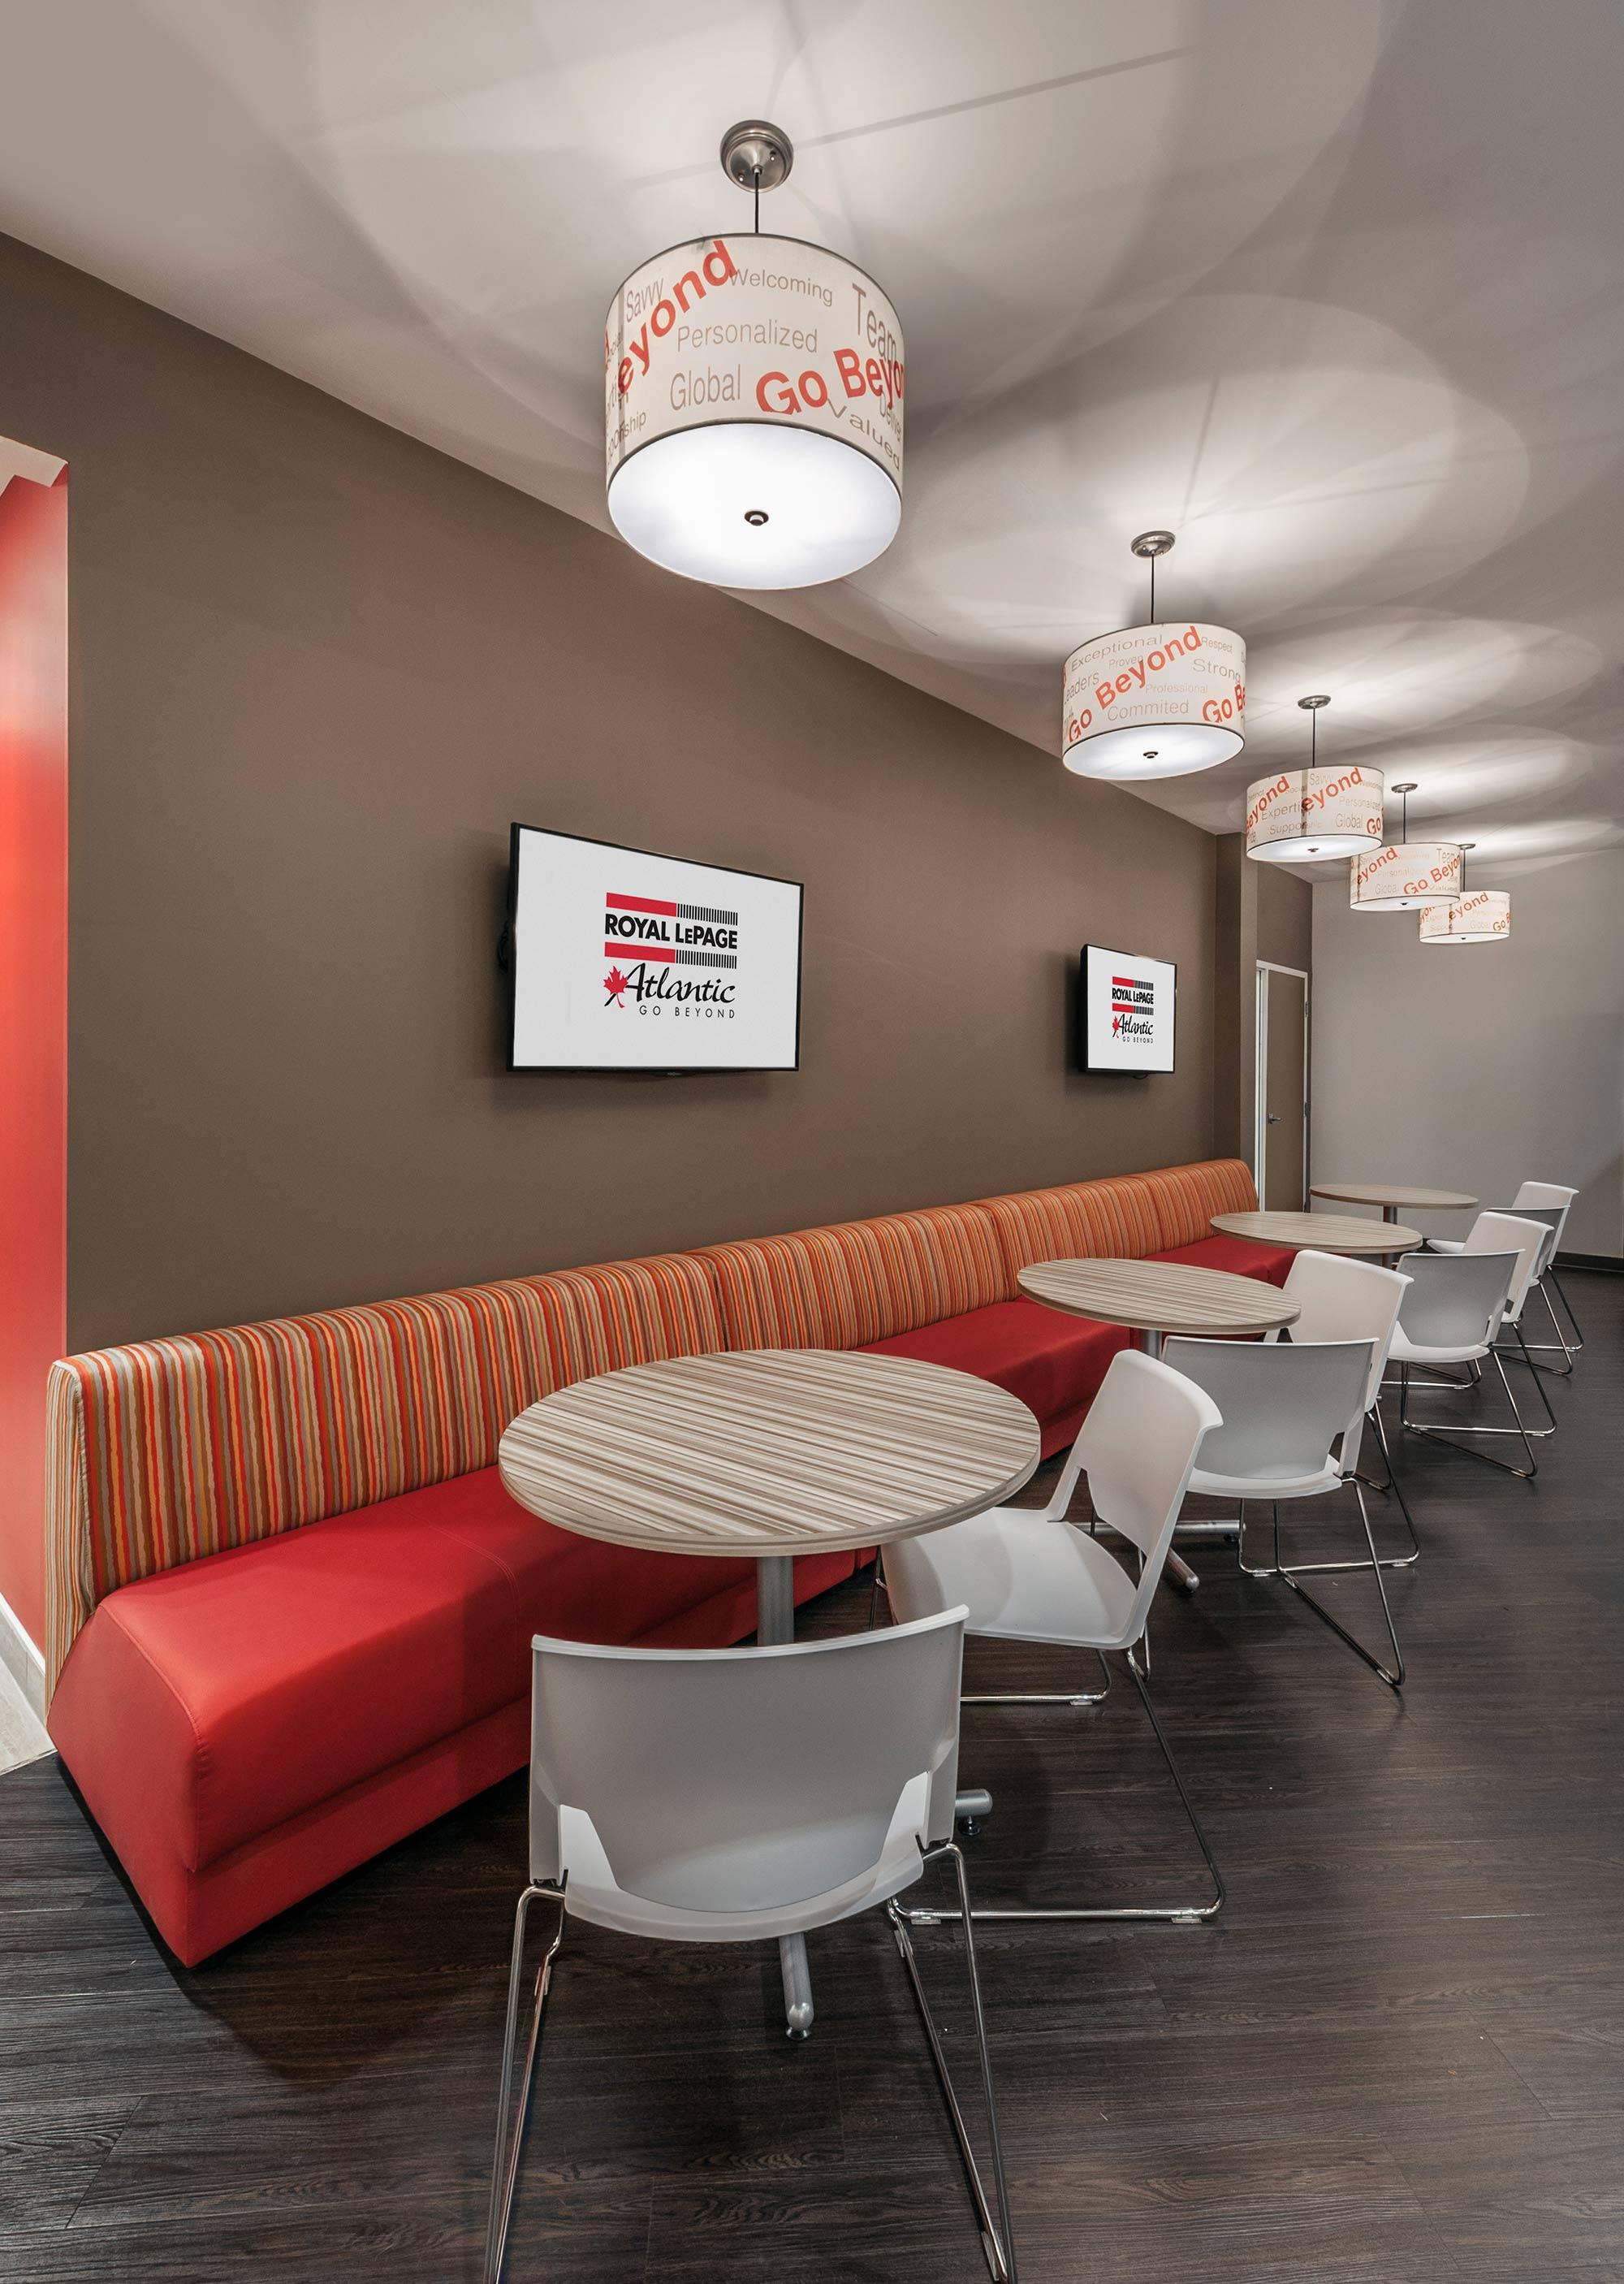 interior-design-real-estate-office-common-area.jpg